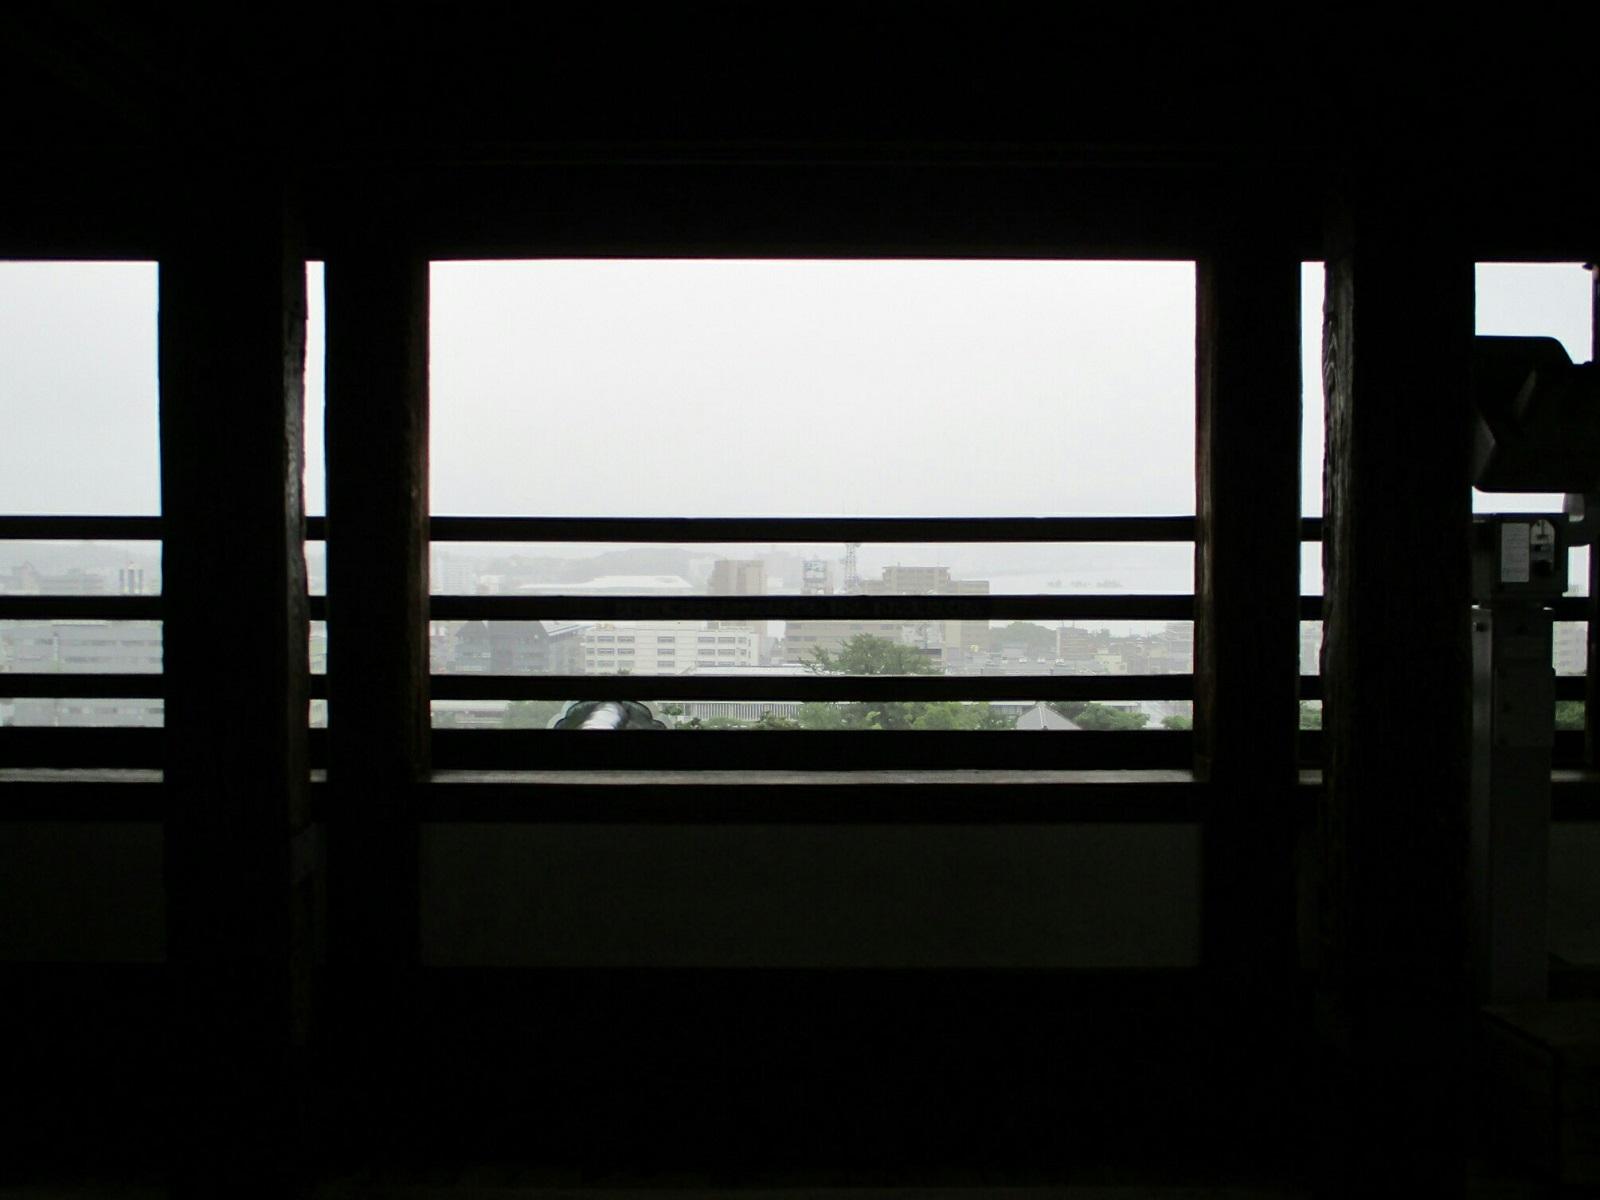 2018.7.7 (50) 松江城 - 天守閣最上階 1600-1200